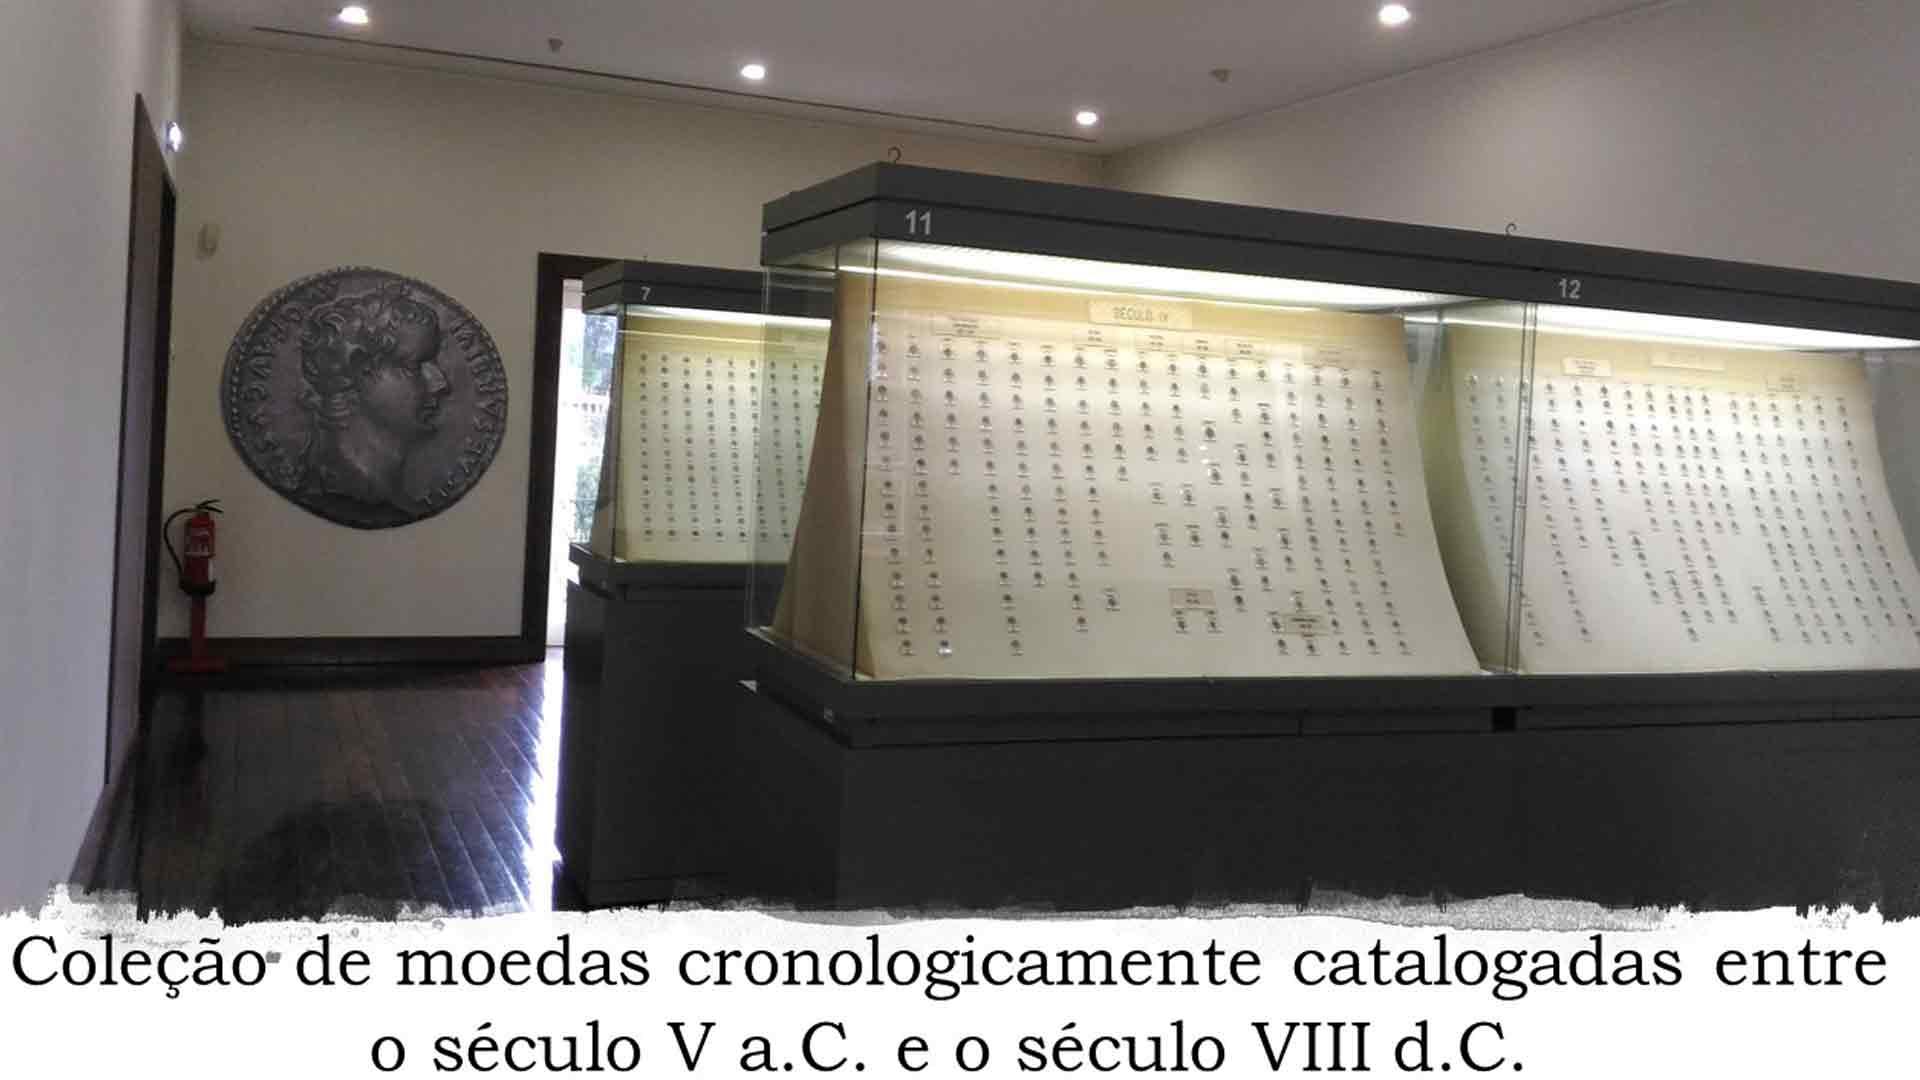 Moedas cronologicamente catalogadas